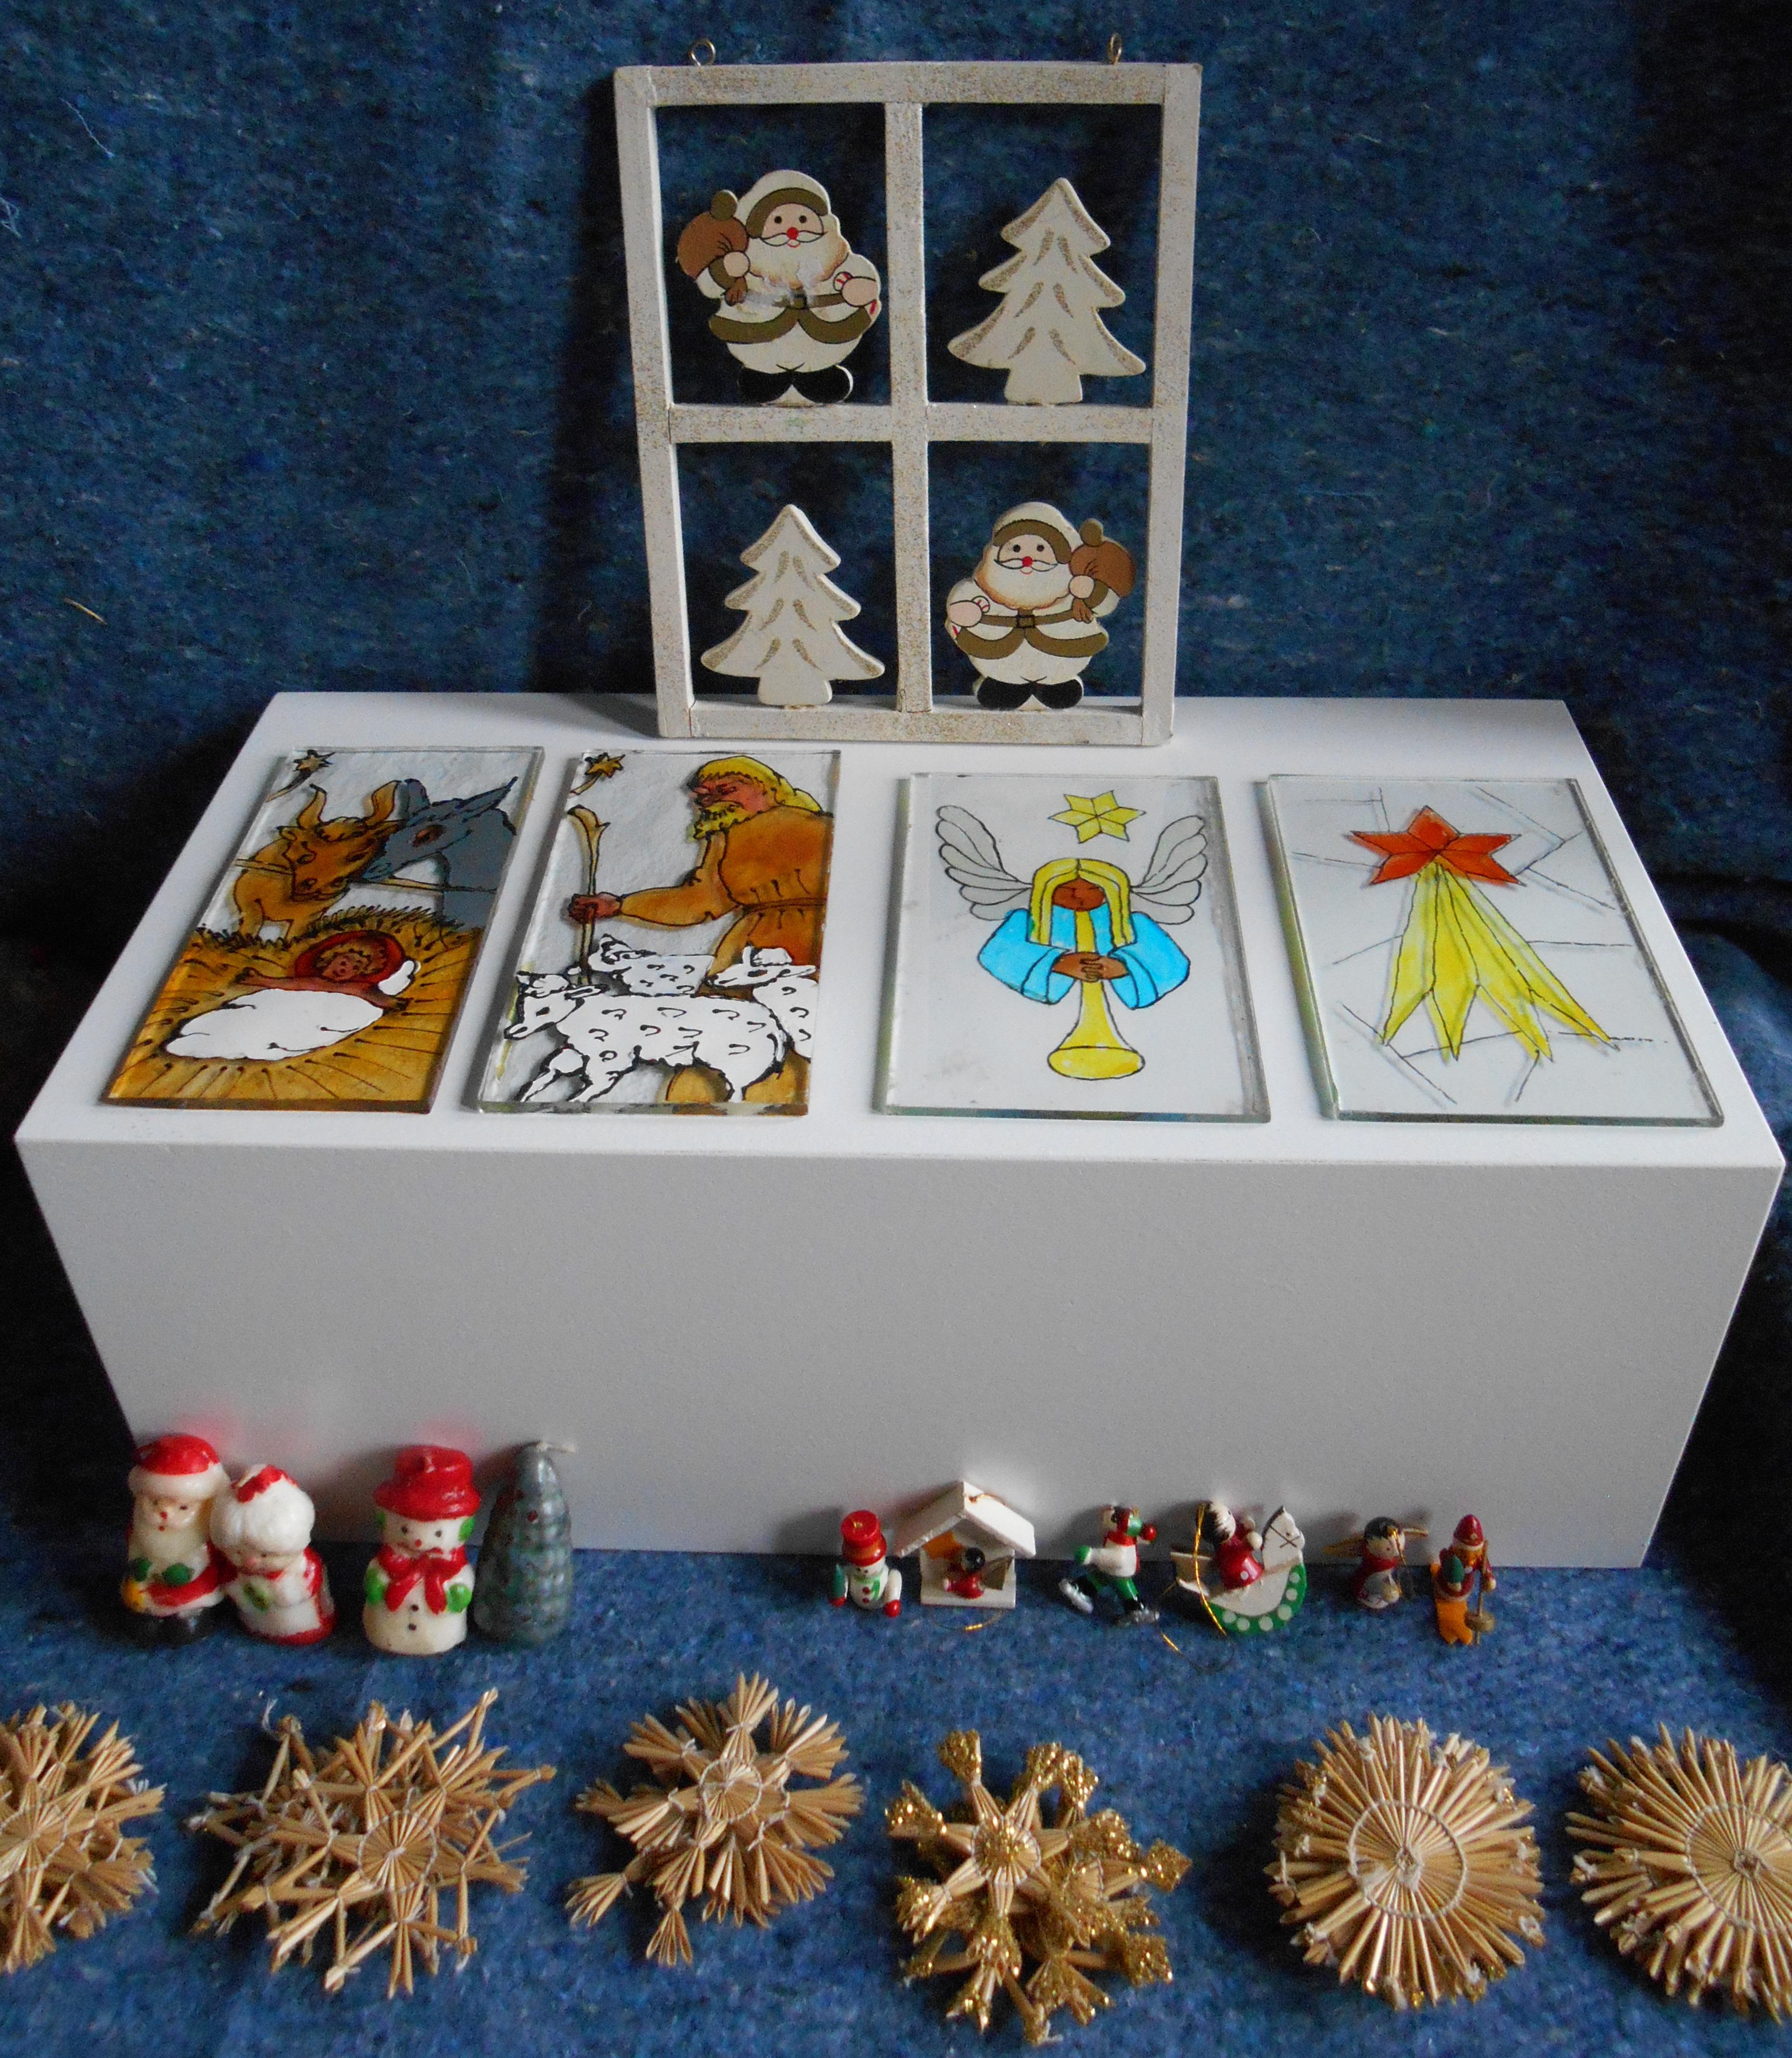 Kerstversiering in de collectie Jaap Kruithof (doos 35 en 69)